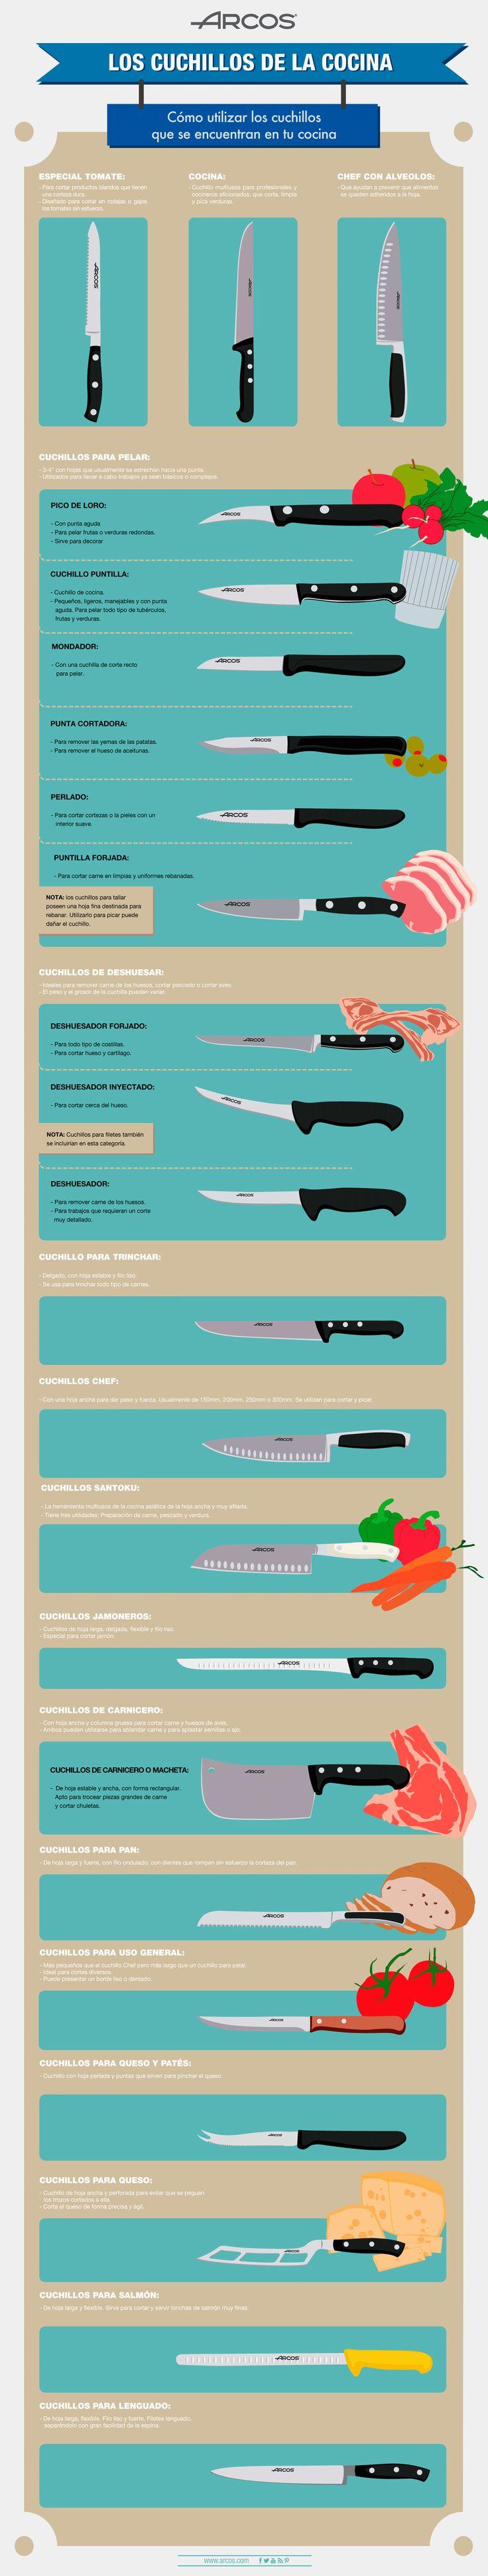 Usos de los cuchillos https://www.pinterest.com/soled88/tips-y-recetas-de-cocina/